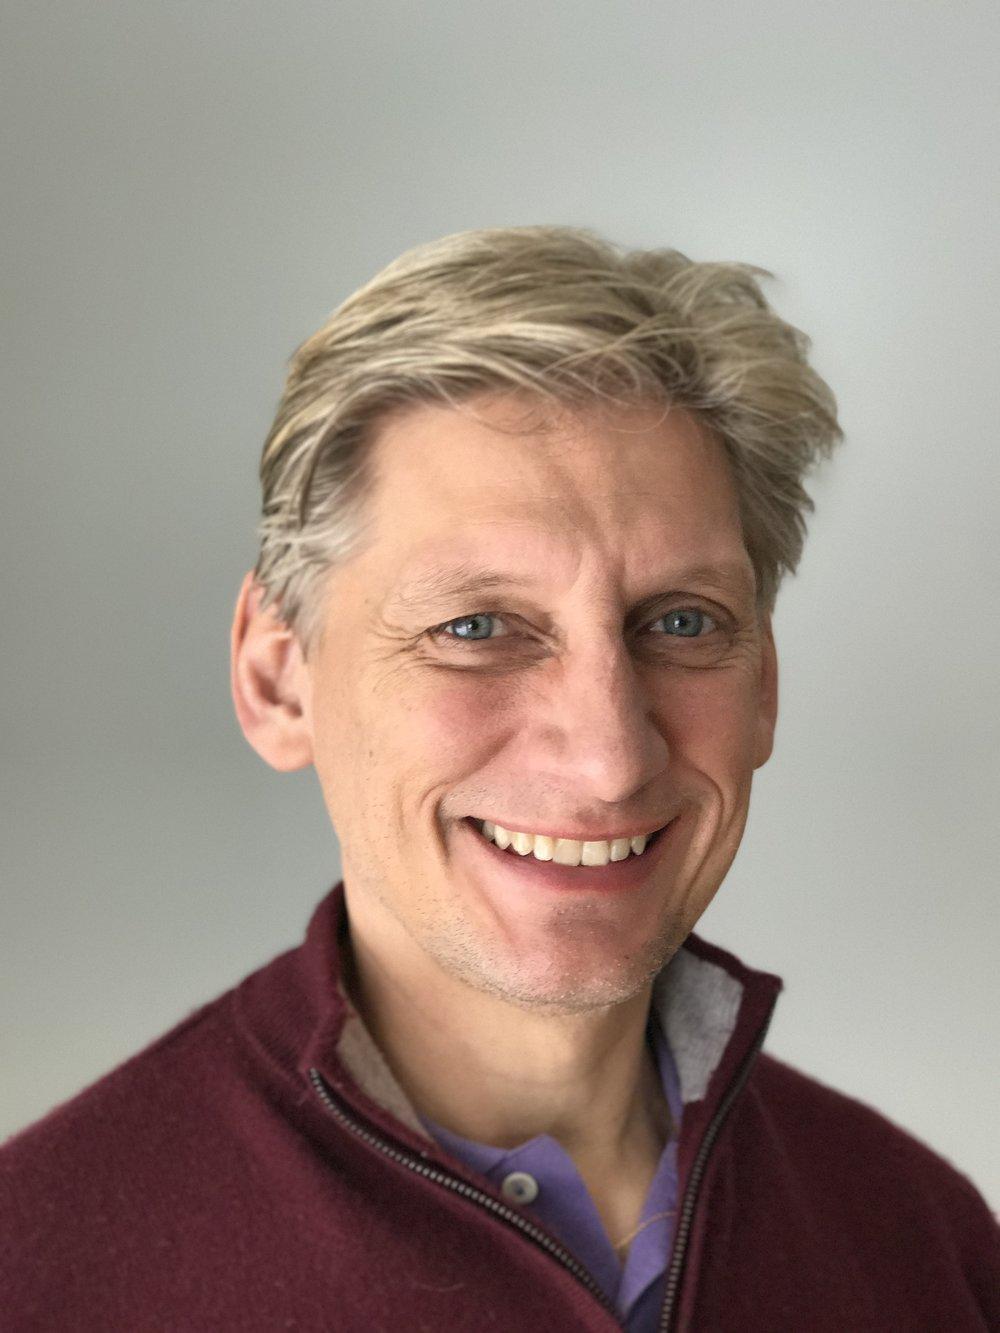 Ralf Schirg